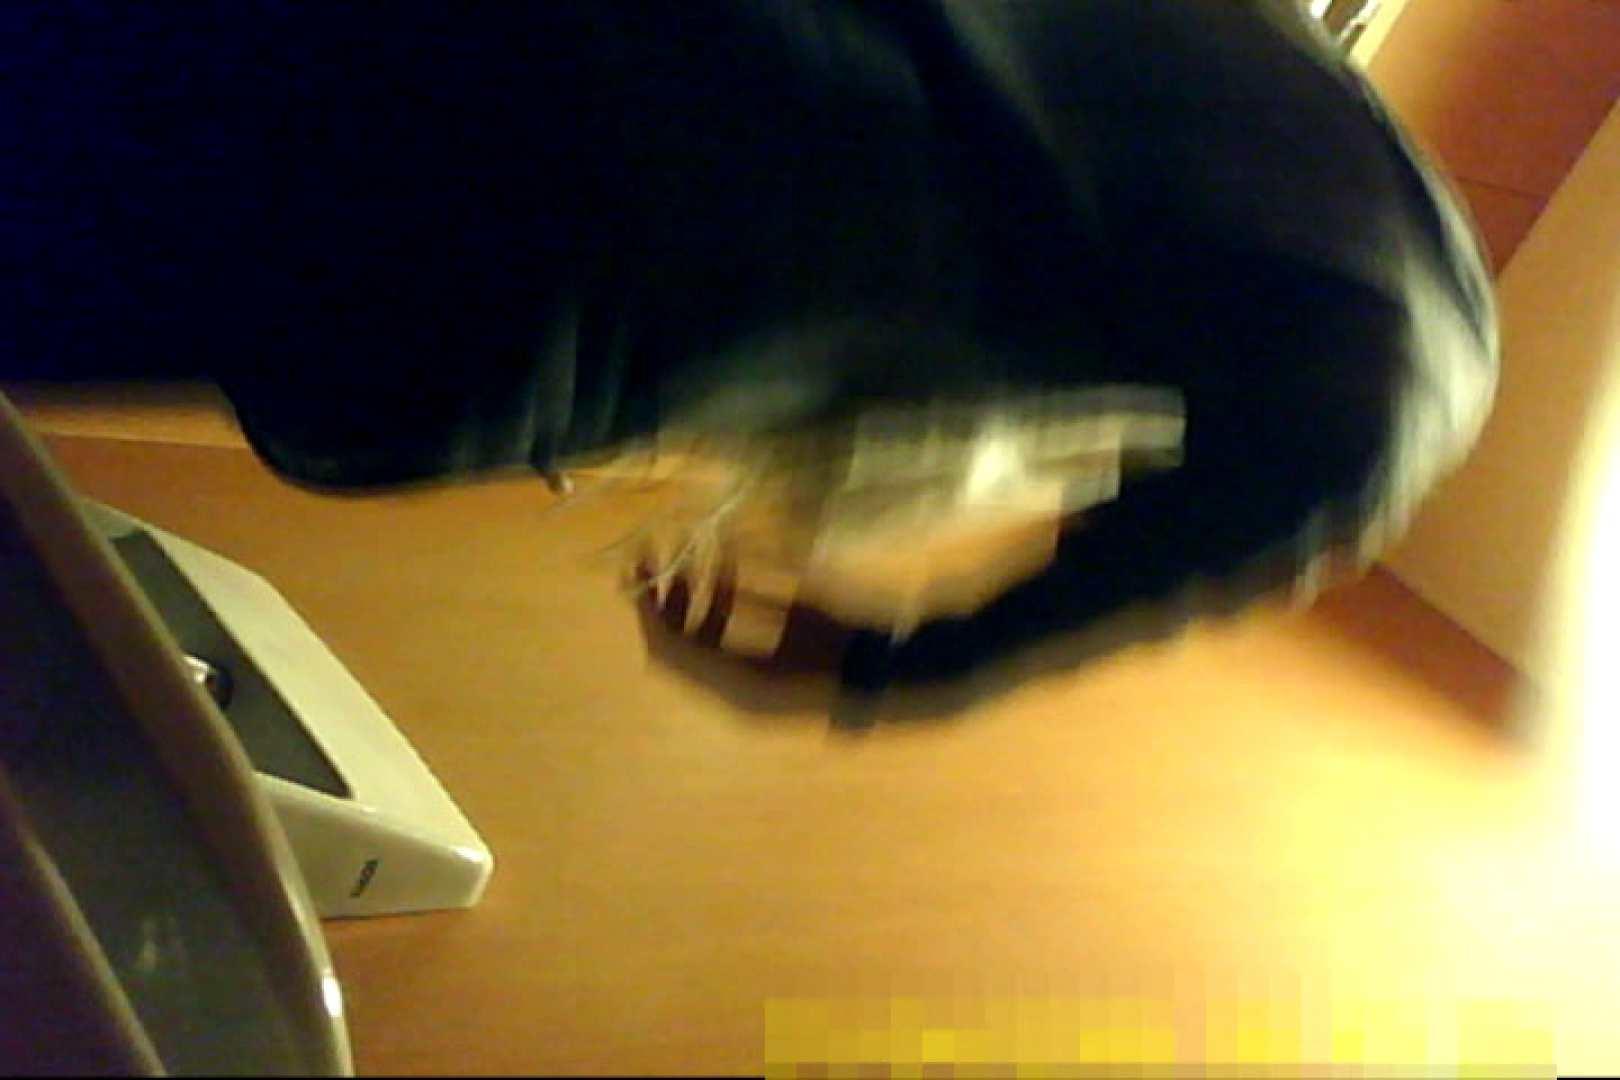 魅惑の化粧室~禁断のプライベート空間~31 盗撮  89pic 48